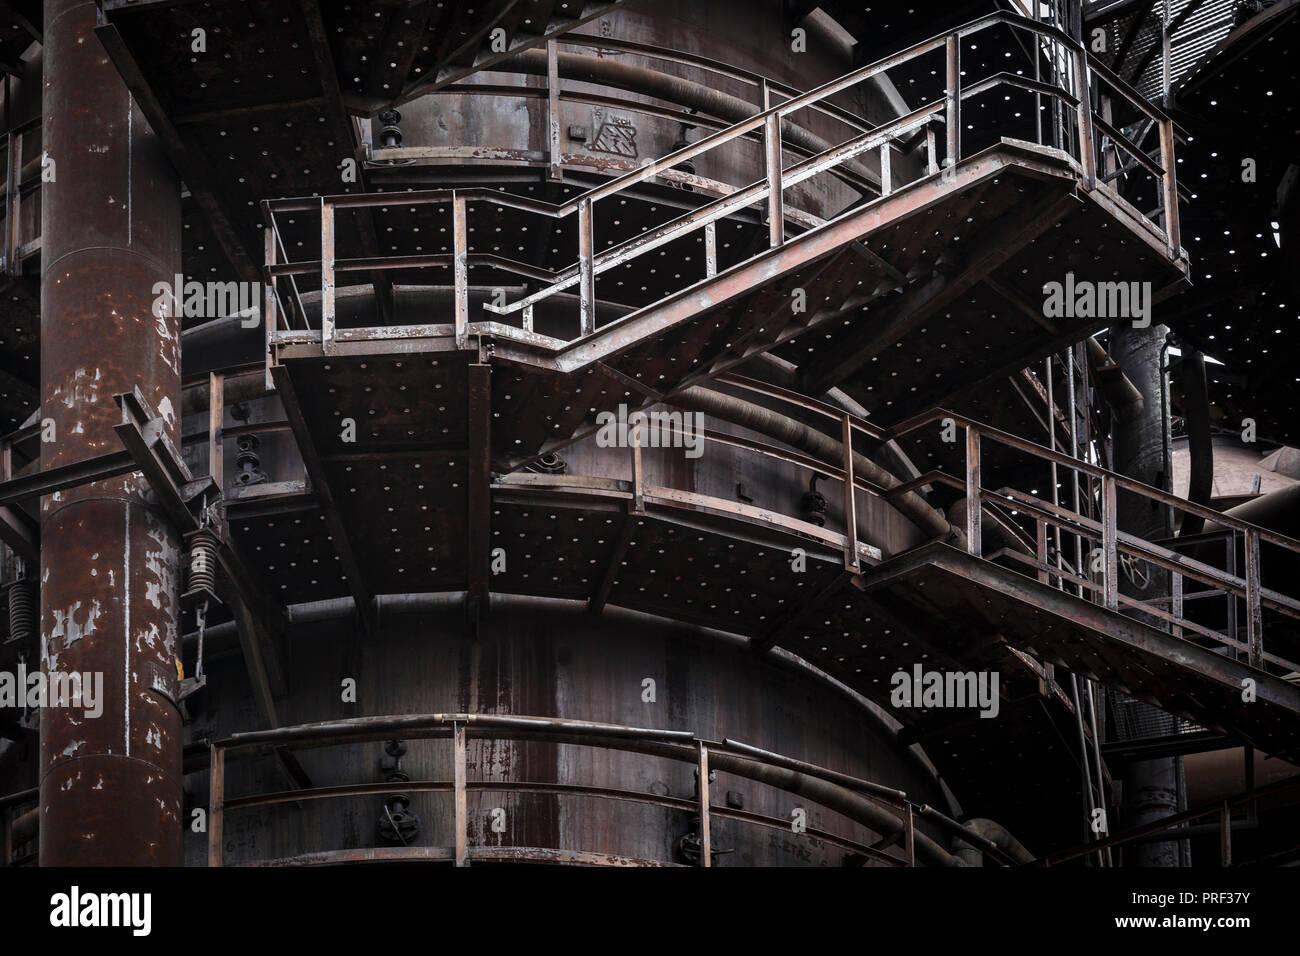 Ostrava, República Checa - Agosto 21, 2018: la planta de limpieza de gases Lurgi en menor Vitkovice, un sitio nacional de patrimonio industrial que consta de un único Foto de stock